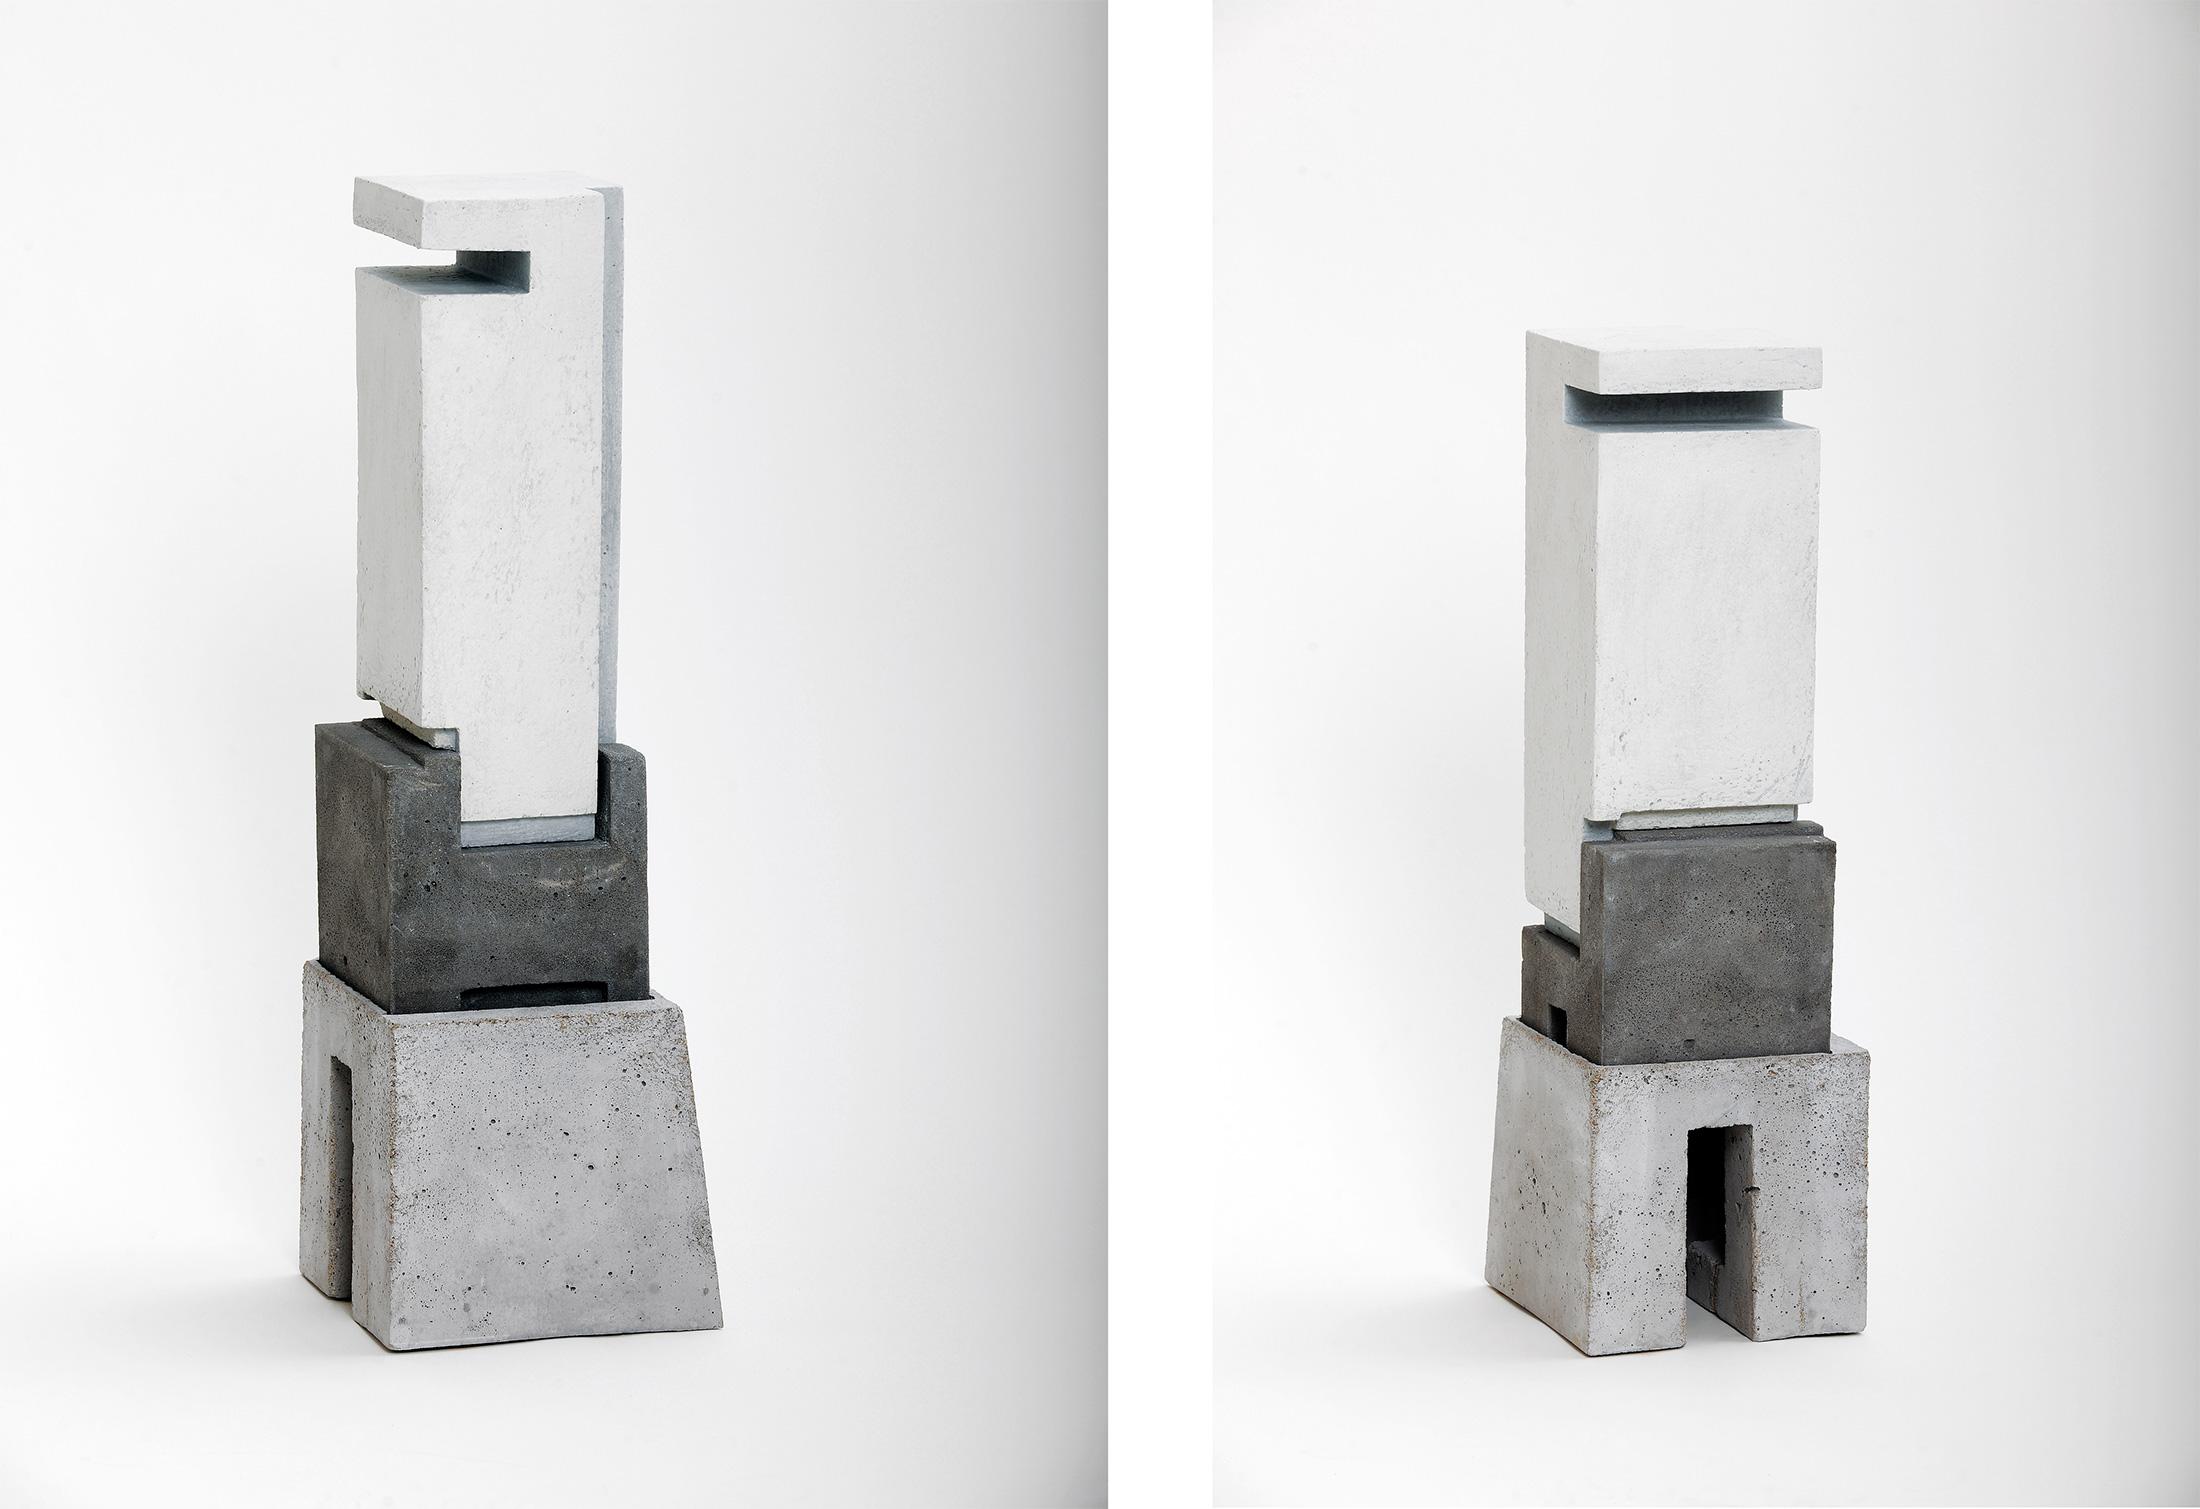 Silo 1 | 2012 | Steinzeug, Beton | 57 x 18 x 16 cm